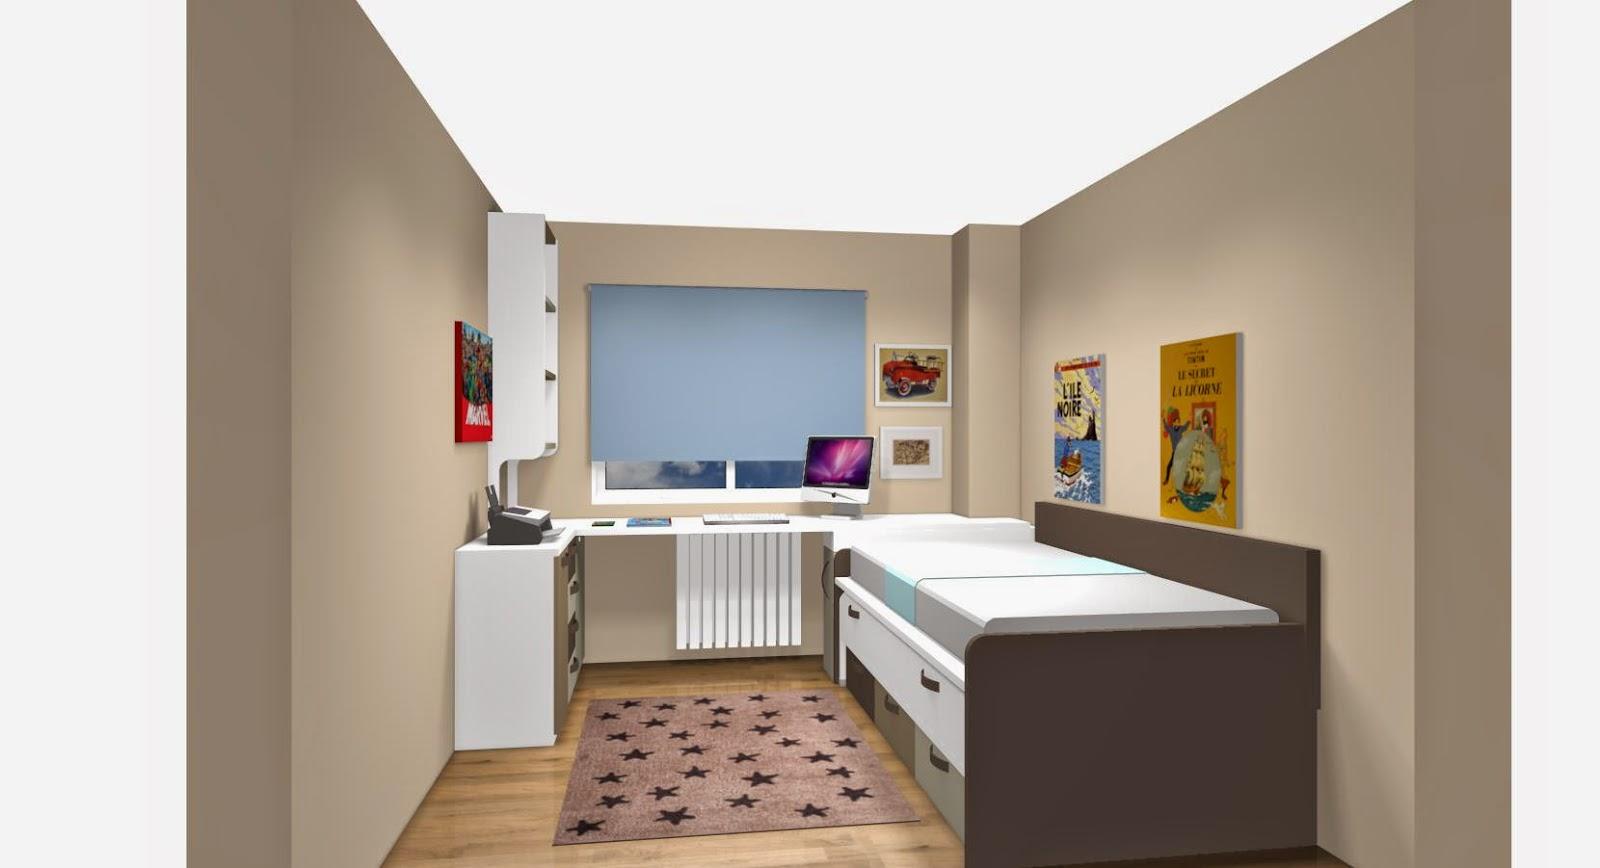 Amueblar habitacion en xikara - Cortinas para dormitorio juvenil ...